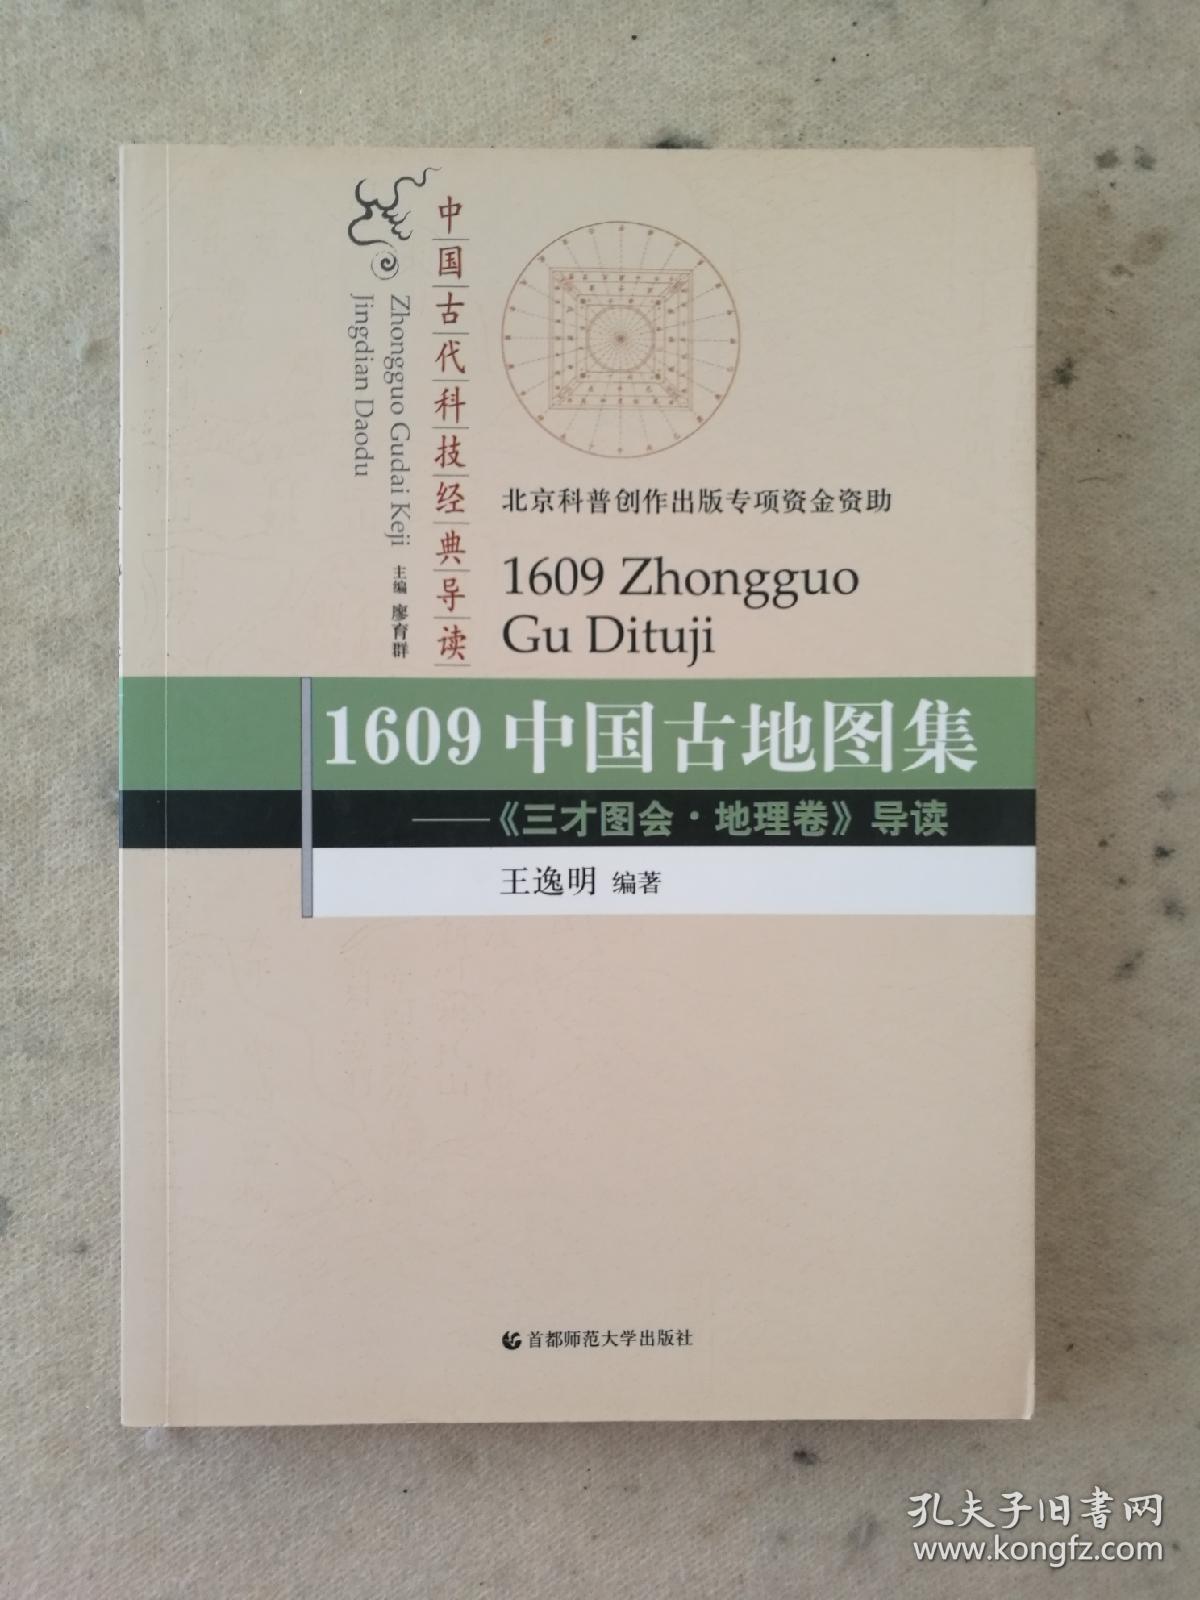 1609中国古地图集:《三才图会·地理卷》导读